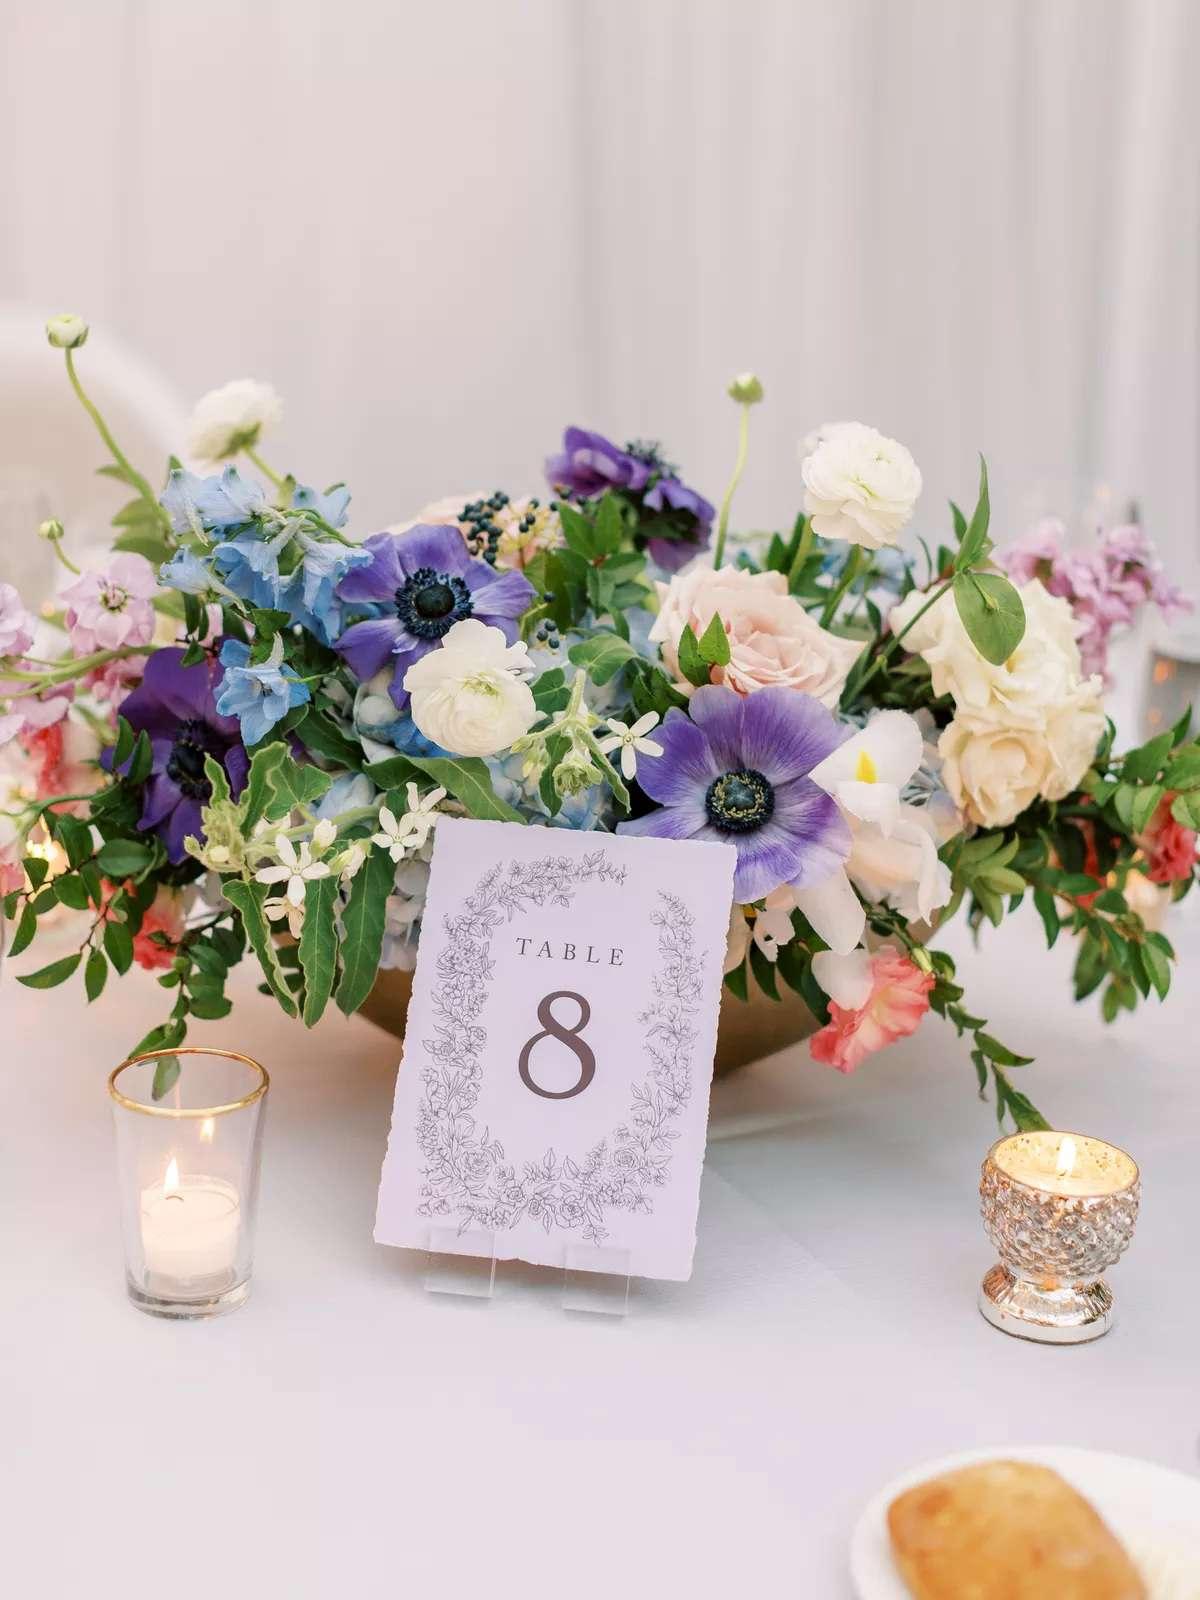 floral arrangement with purple